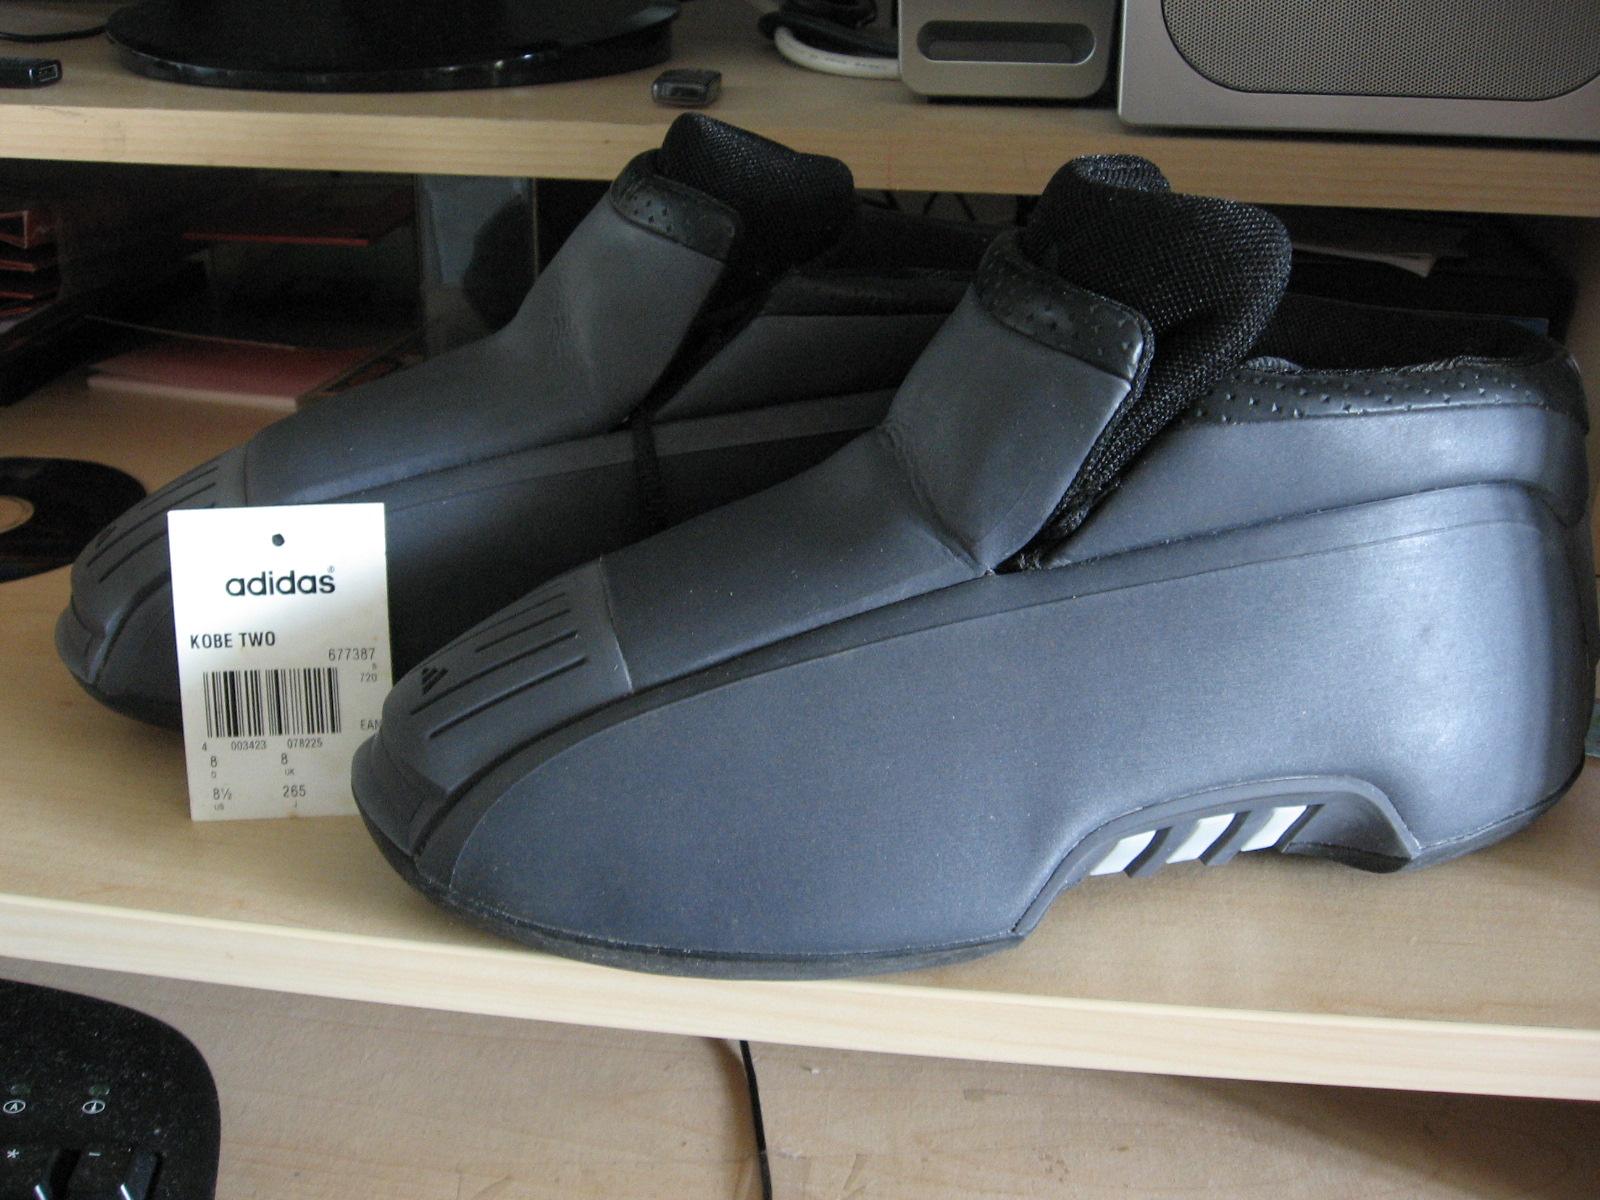 Kobe 2 Adidas Shoes